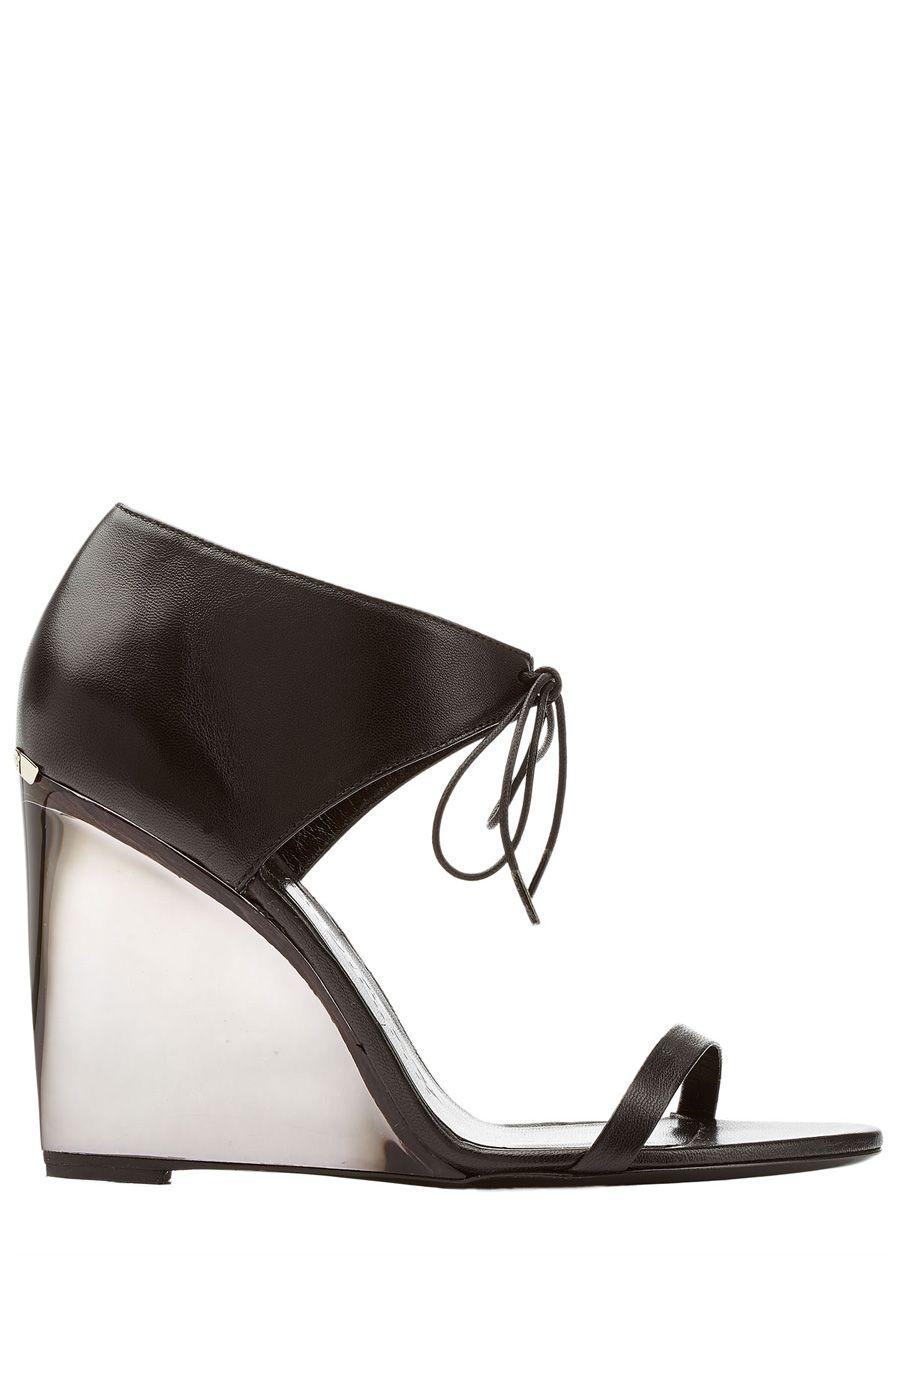 c7e3e1e52b5 BURBERRY Leather Wedges With Transparent Heel